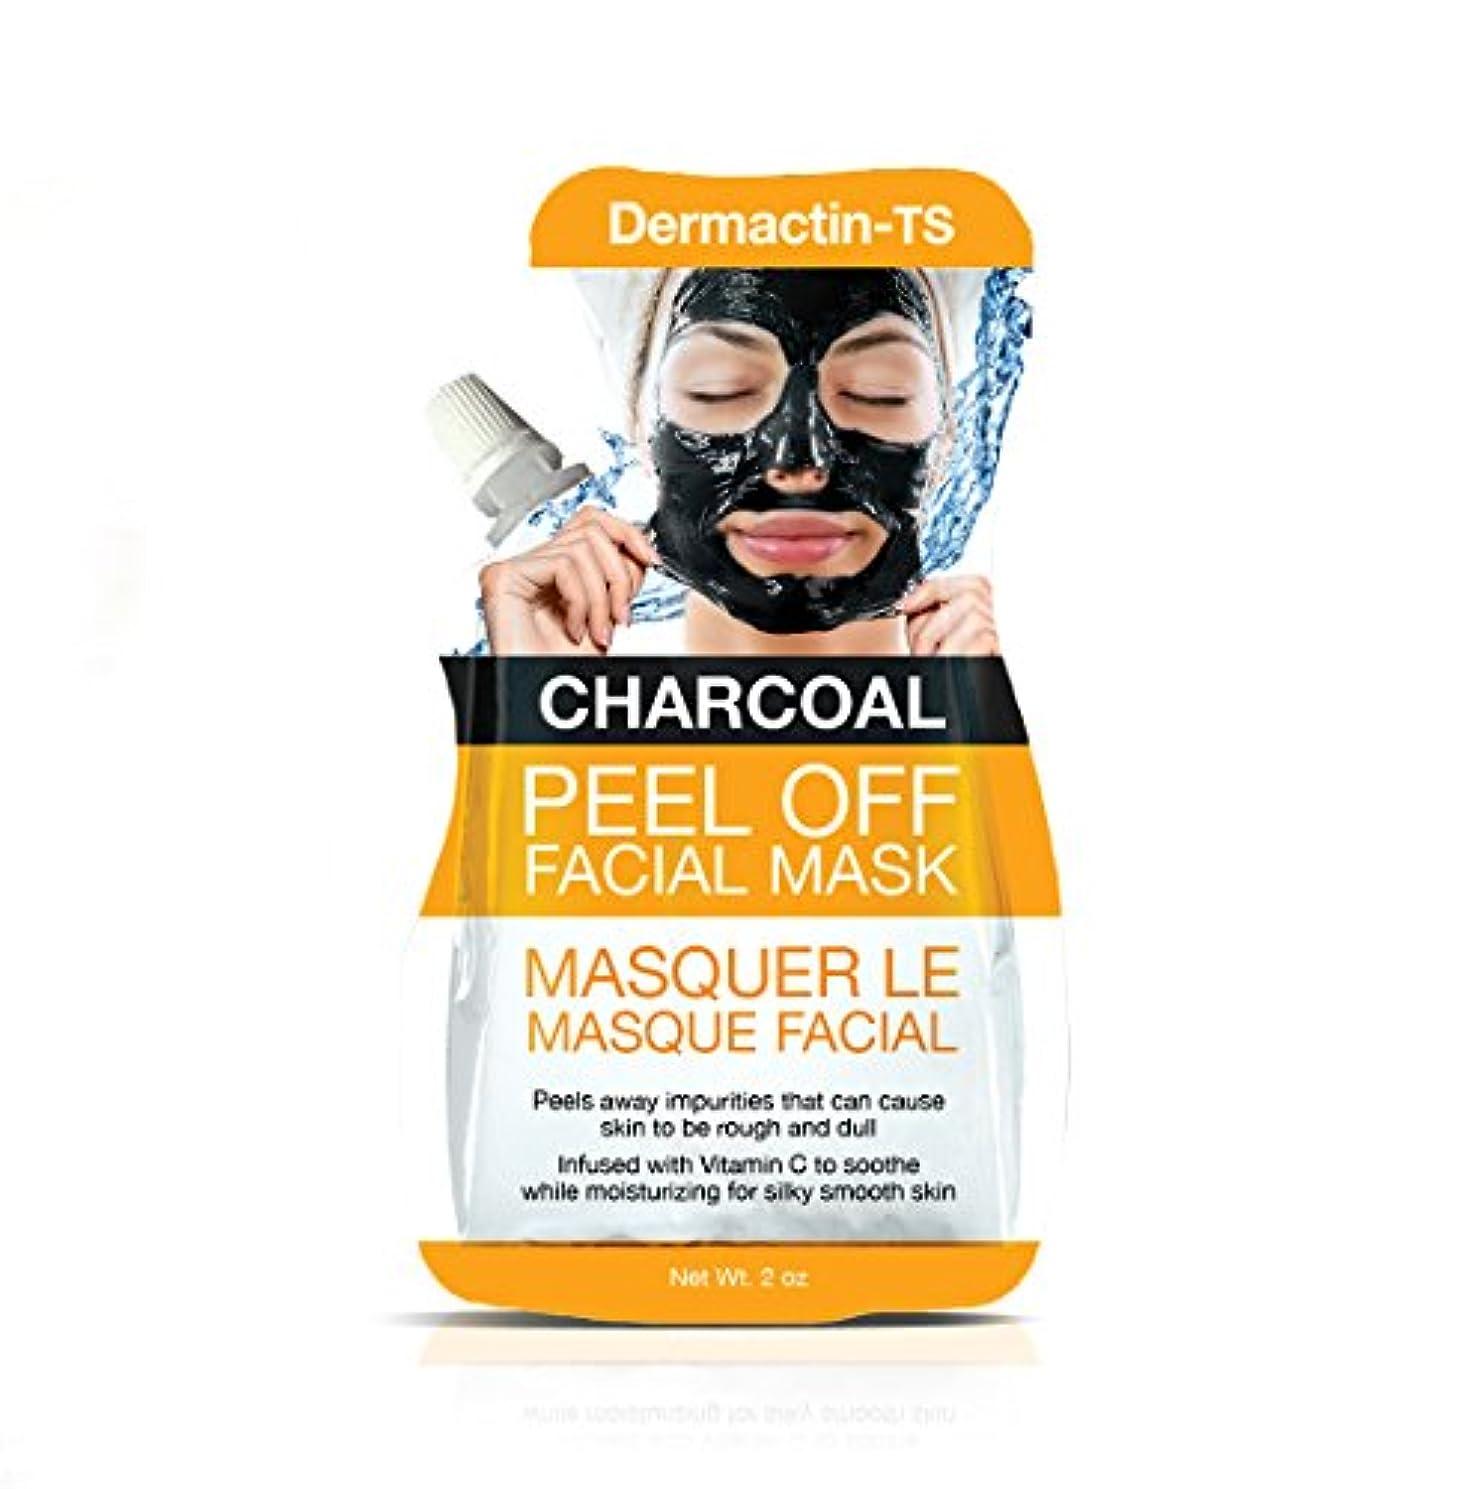 襲撃憧れ特異なDermactin-TS フェイシャルマスクを剥がすチャコール50 g (並行輸入品)